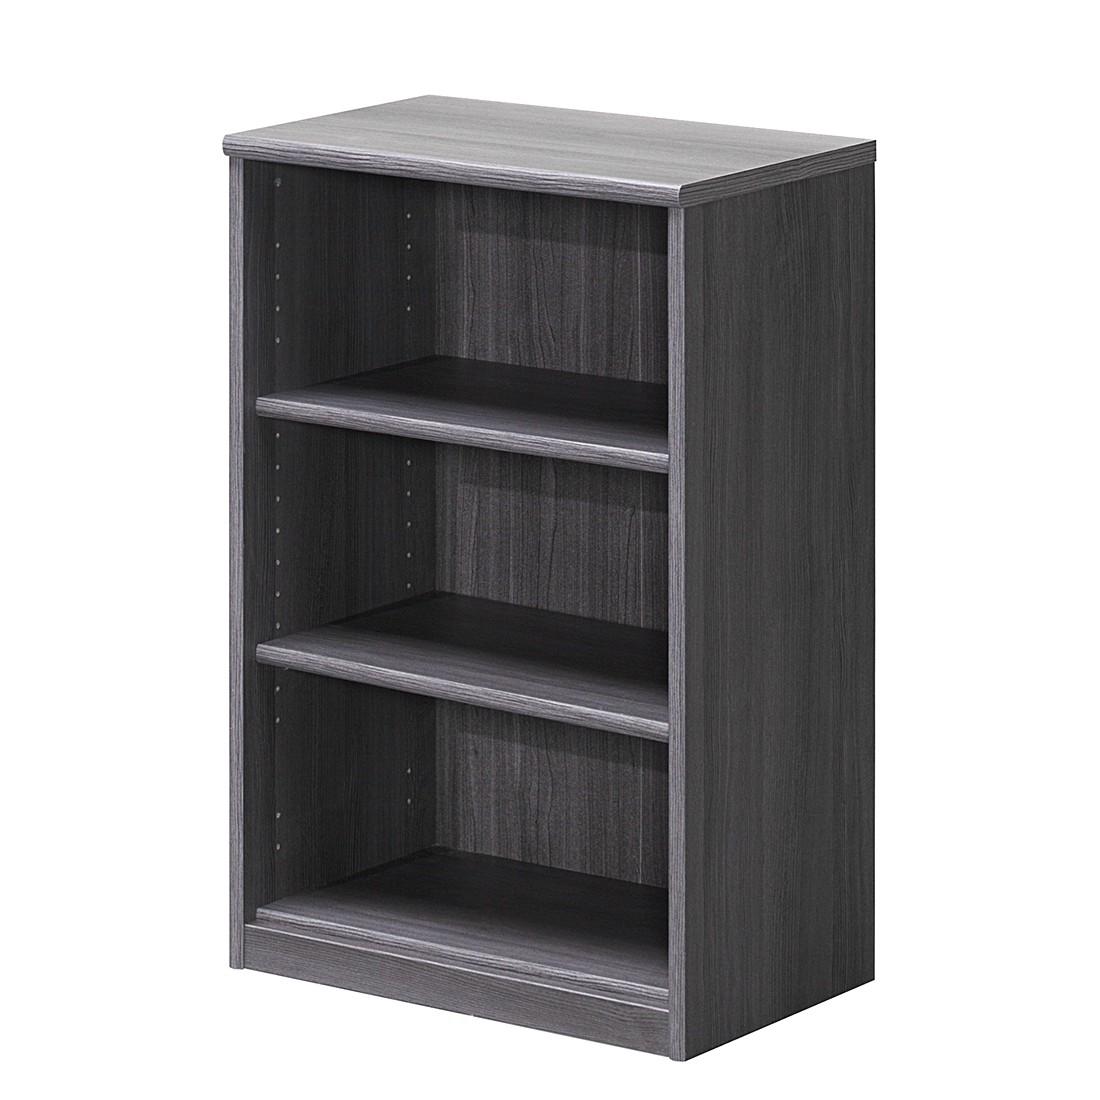 Scaffale Soft Plus I - Effetto quercia grigio argento - Scomparti: 3 - Altezza: 84 cm, Cs Schmal